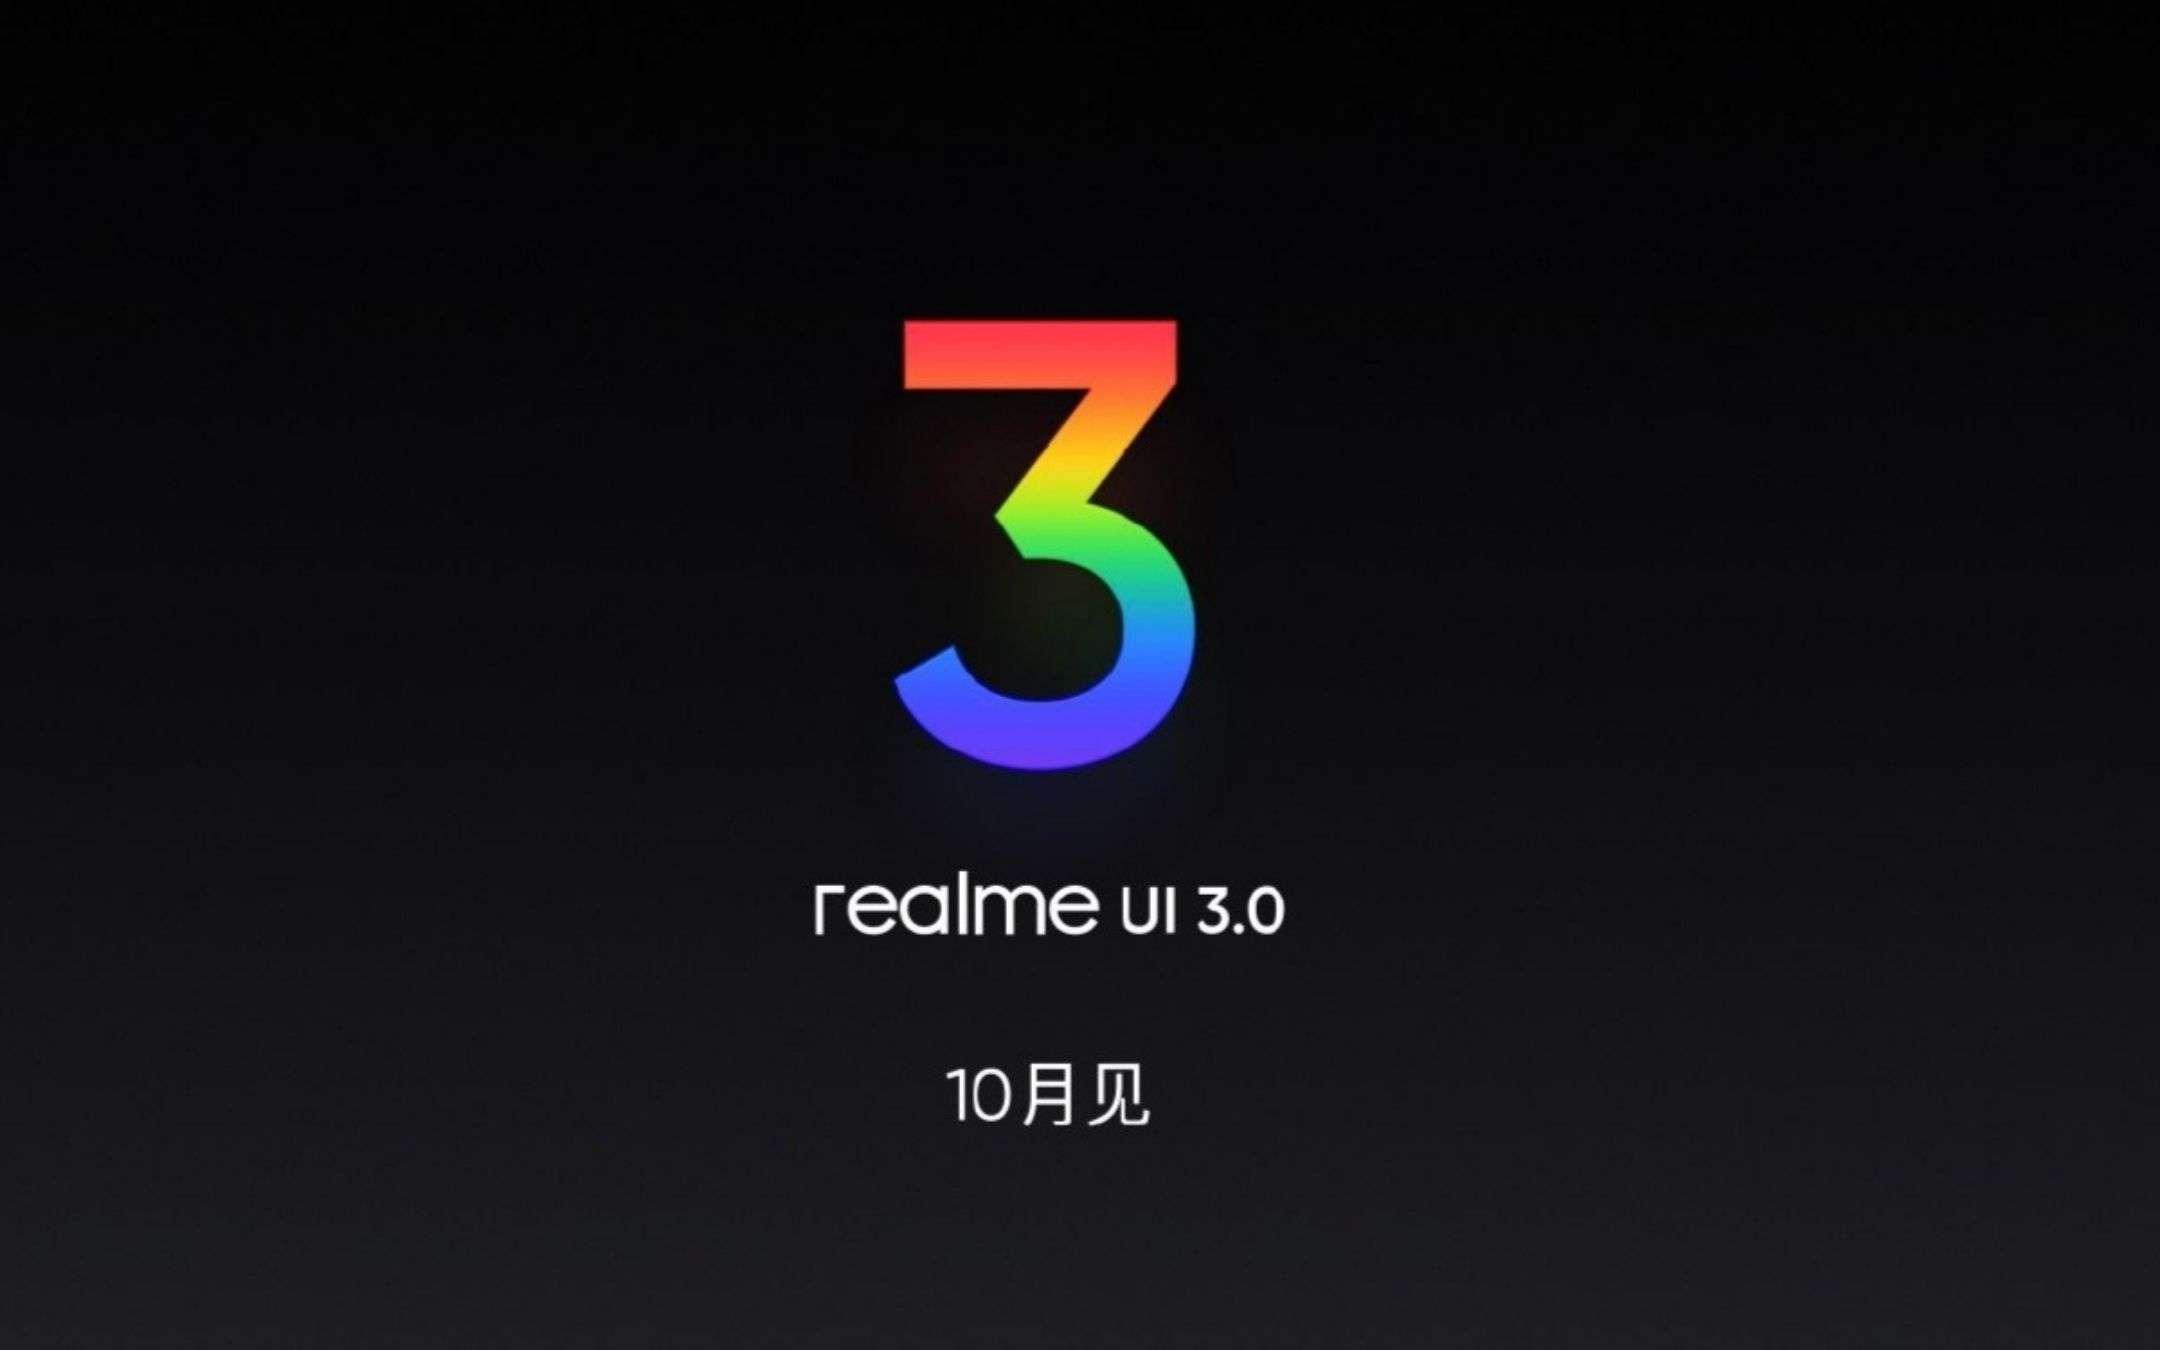 Realme UI 3.0: in arrivo ad ottobre (UFFICIALE)